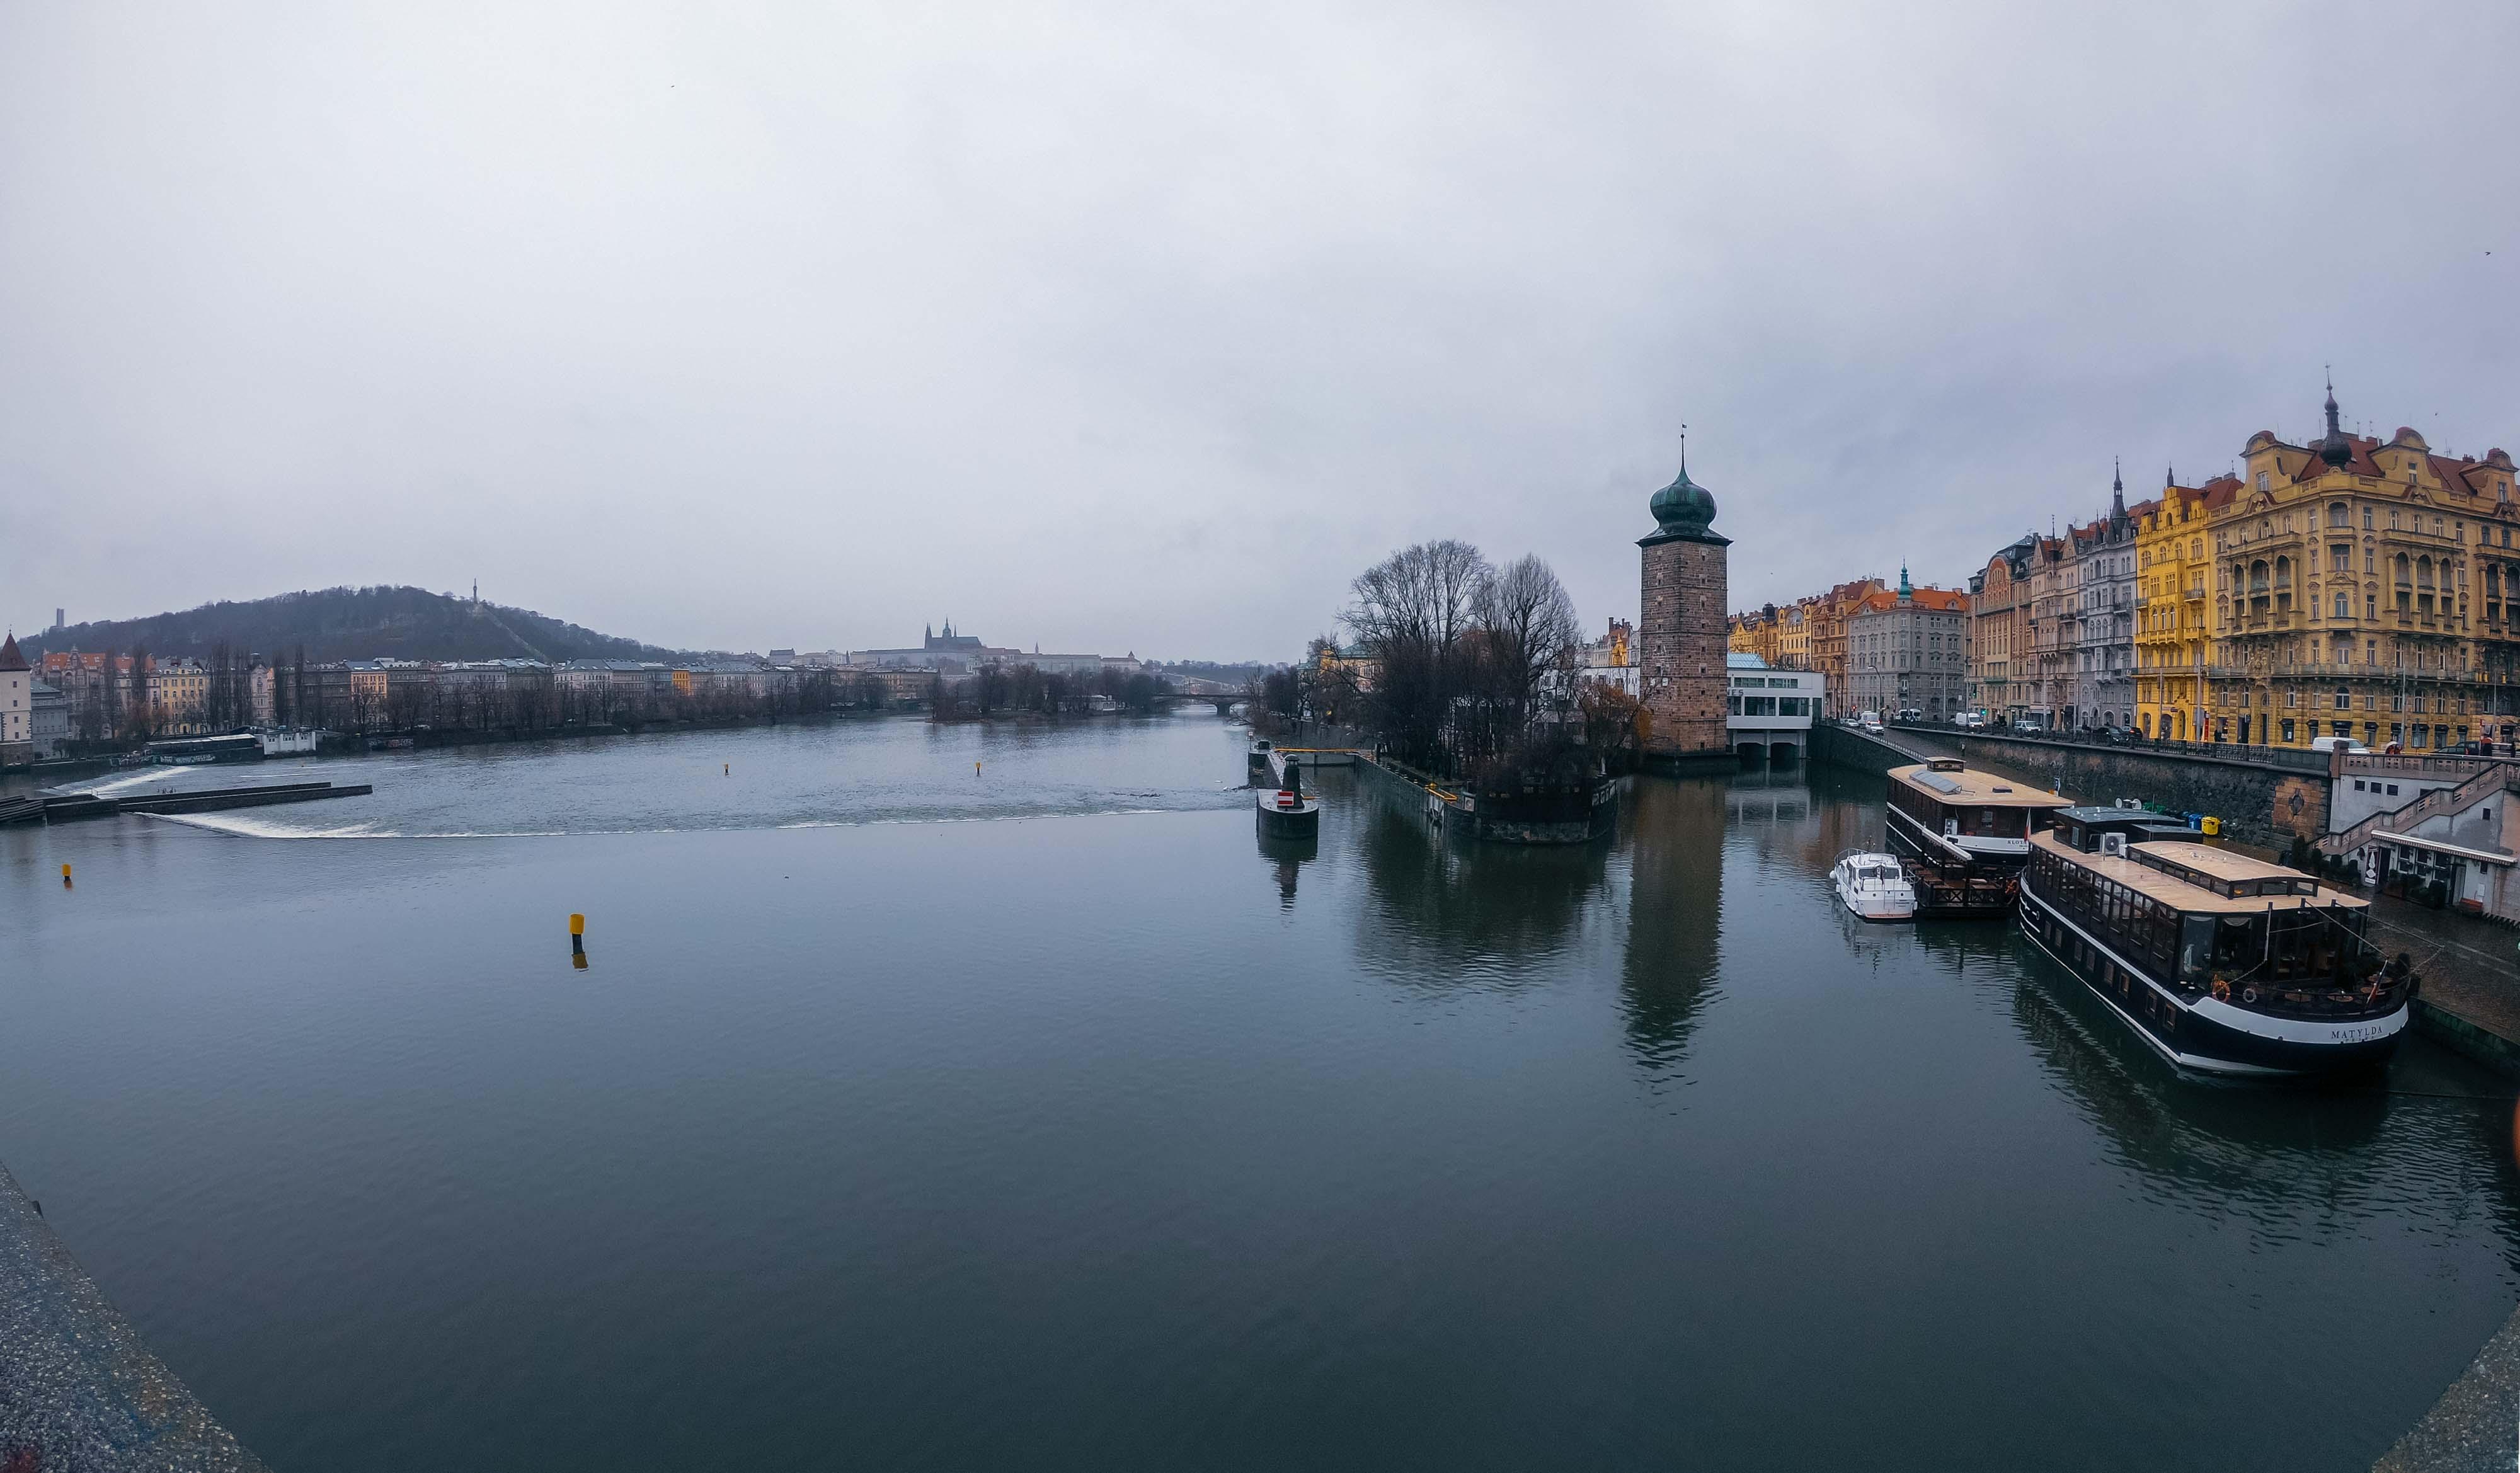 Le panorama grisailleux sur la Vltava à Prague